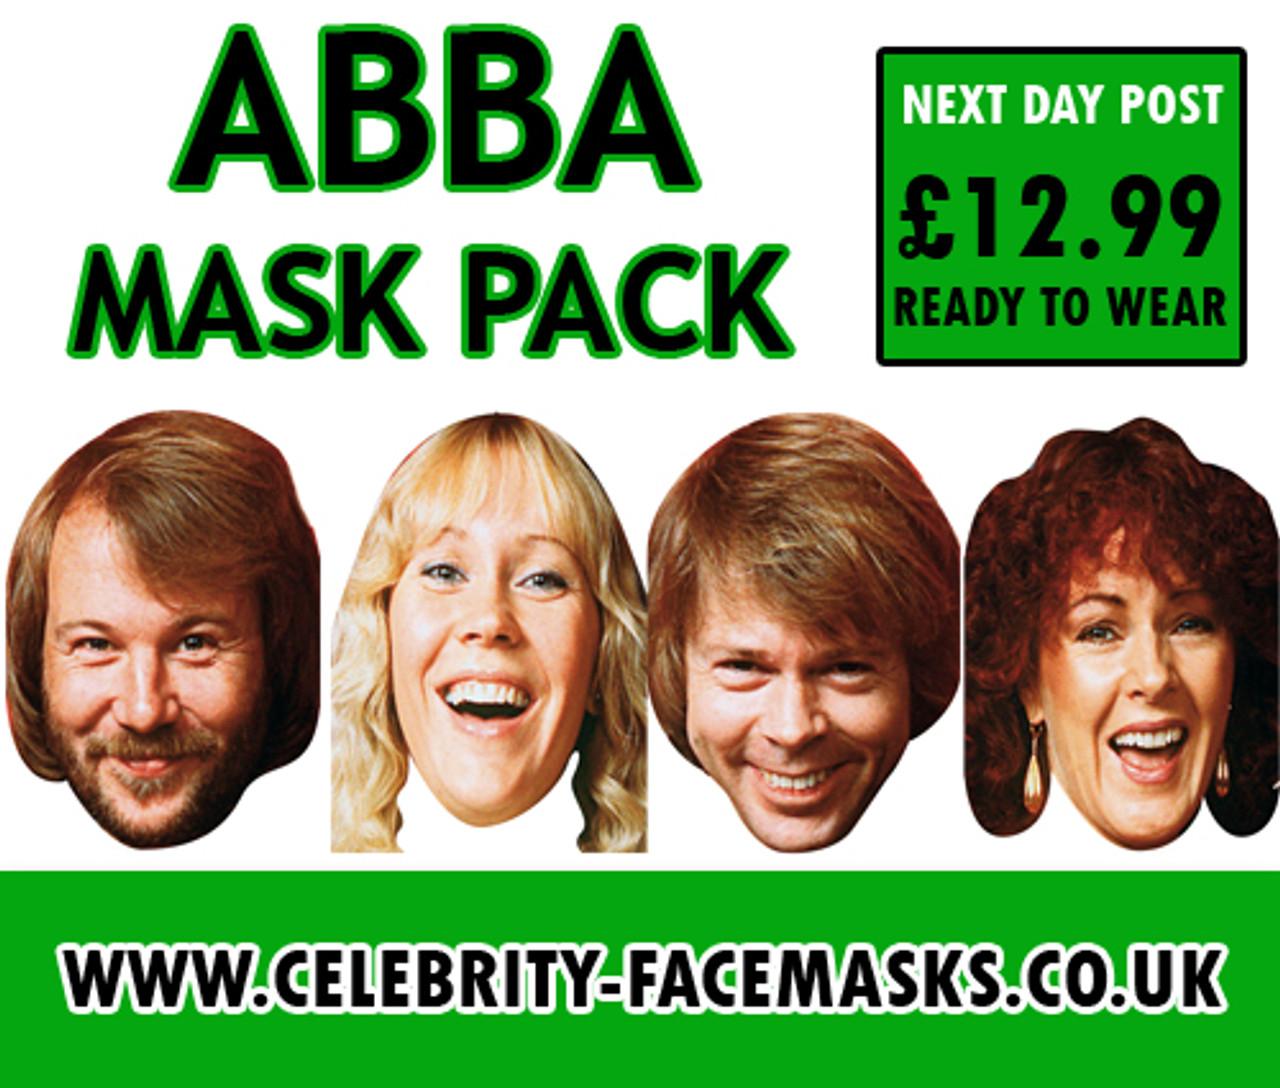 26 Best Celebrity Masks & Cut outs images | Masks, Cut ...